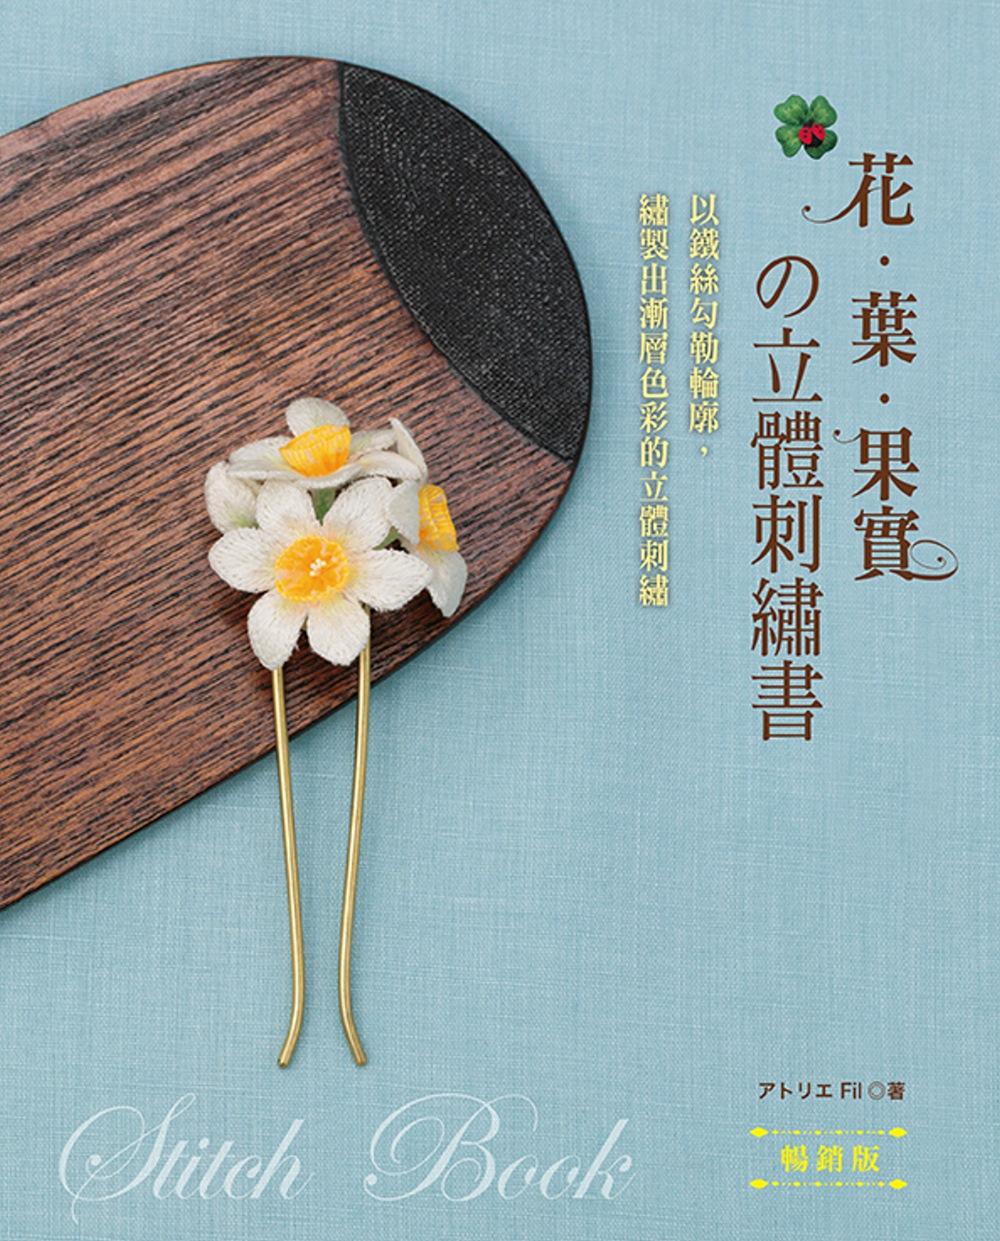 花‧葉‧果實的立體刺繡書(暢銷版):以鐵絲勾勒輪廓,繡製出漸層色彩的立體刺繡